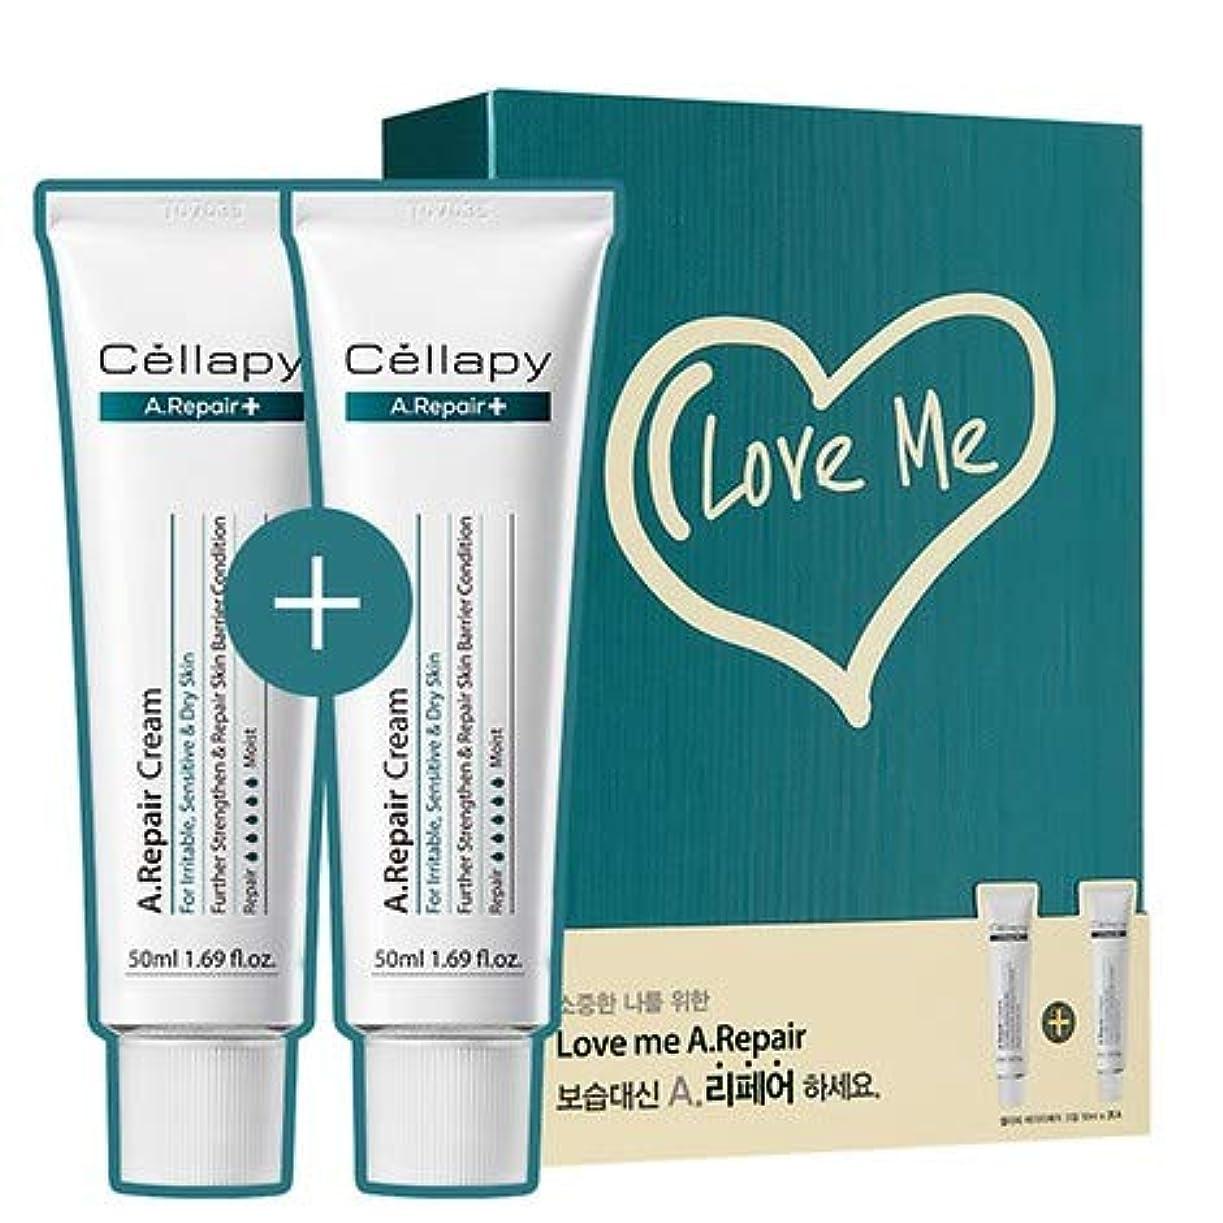 伝染病キャンパスしたいセラピ エイリペアプラスクリーム 50ml 2個セット&サンプル2袋付き [並行輸入品] / Cellapy A.Repair Plus Cream 50ml ×2ea